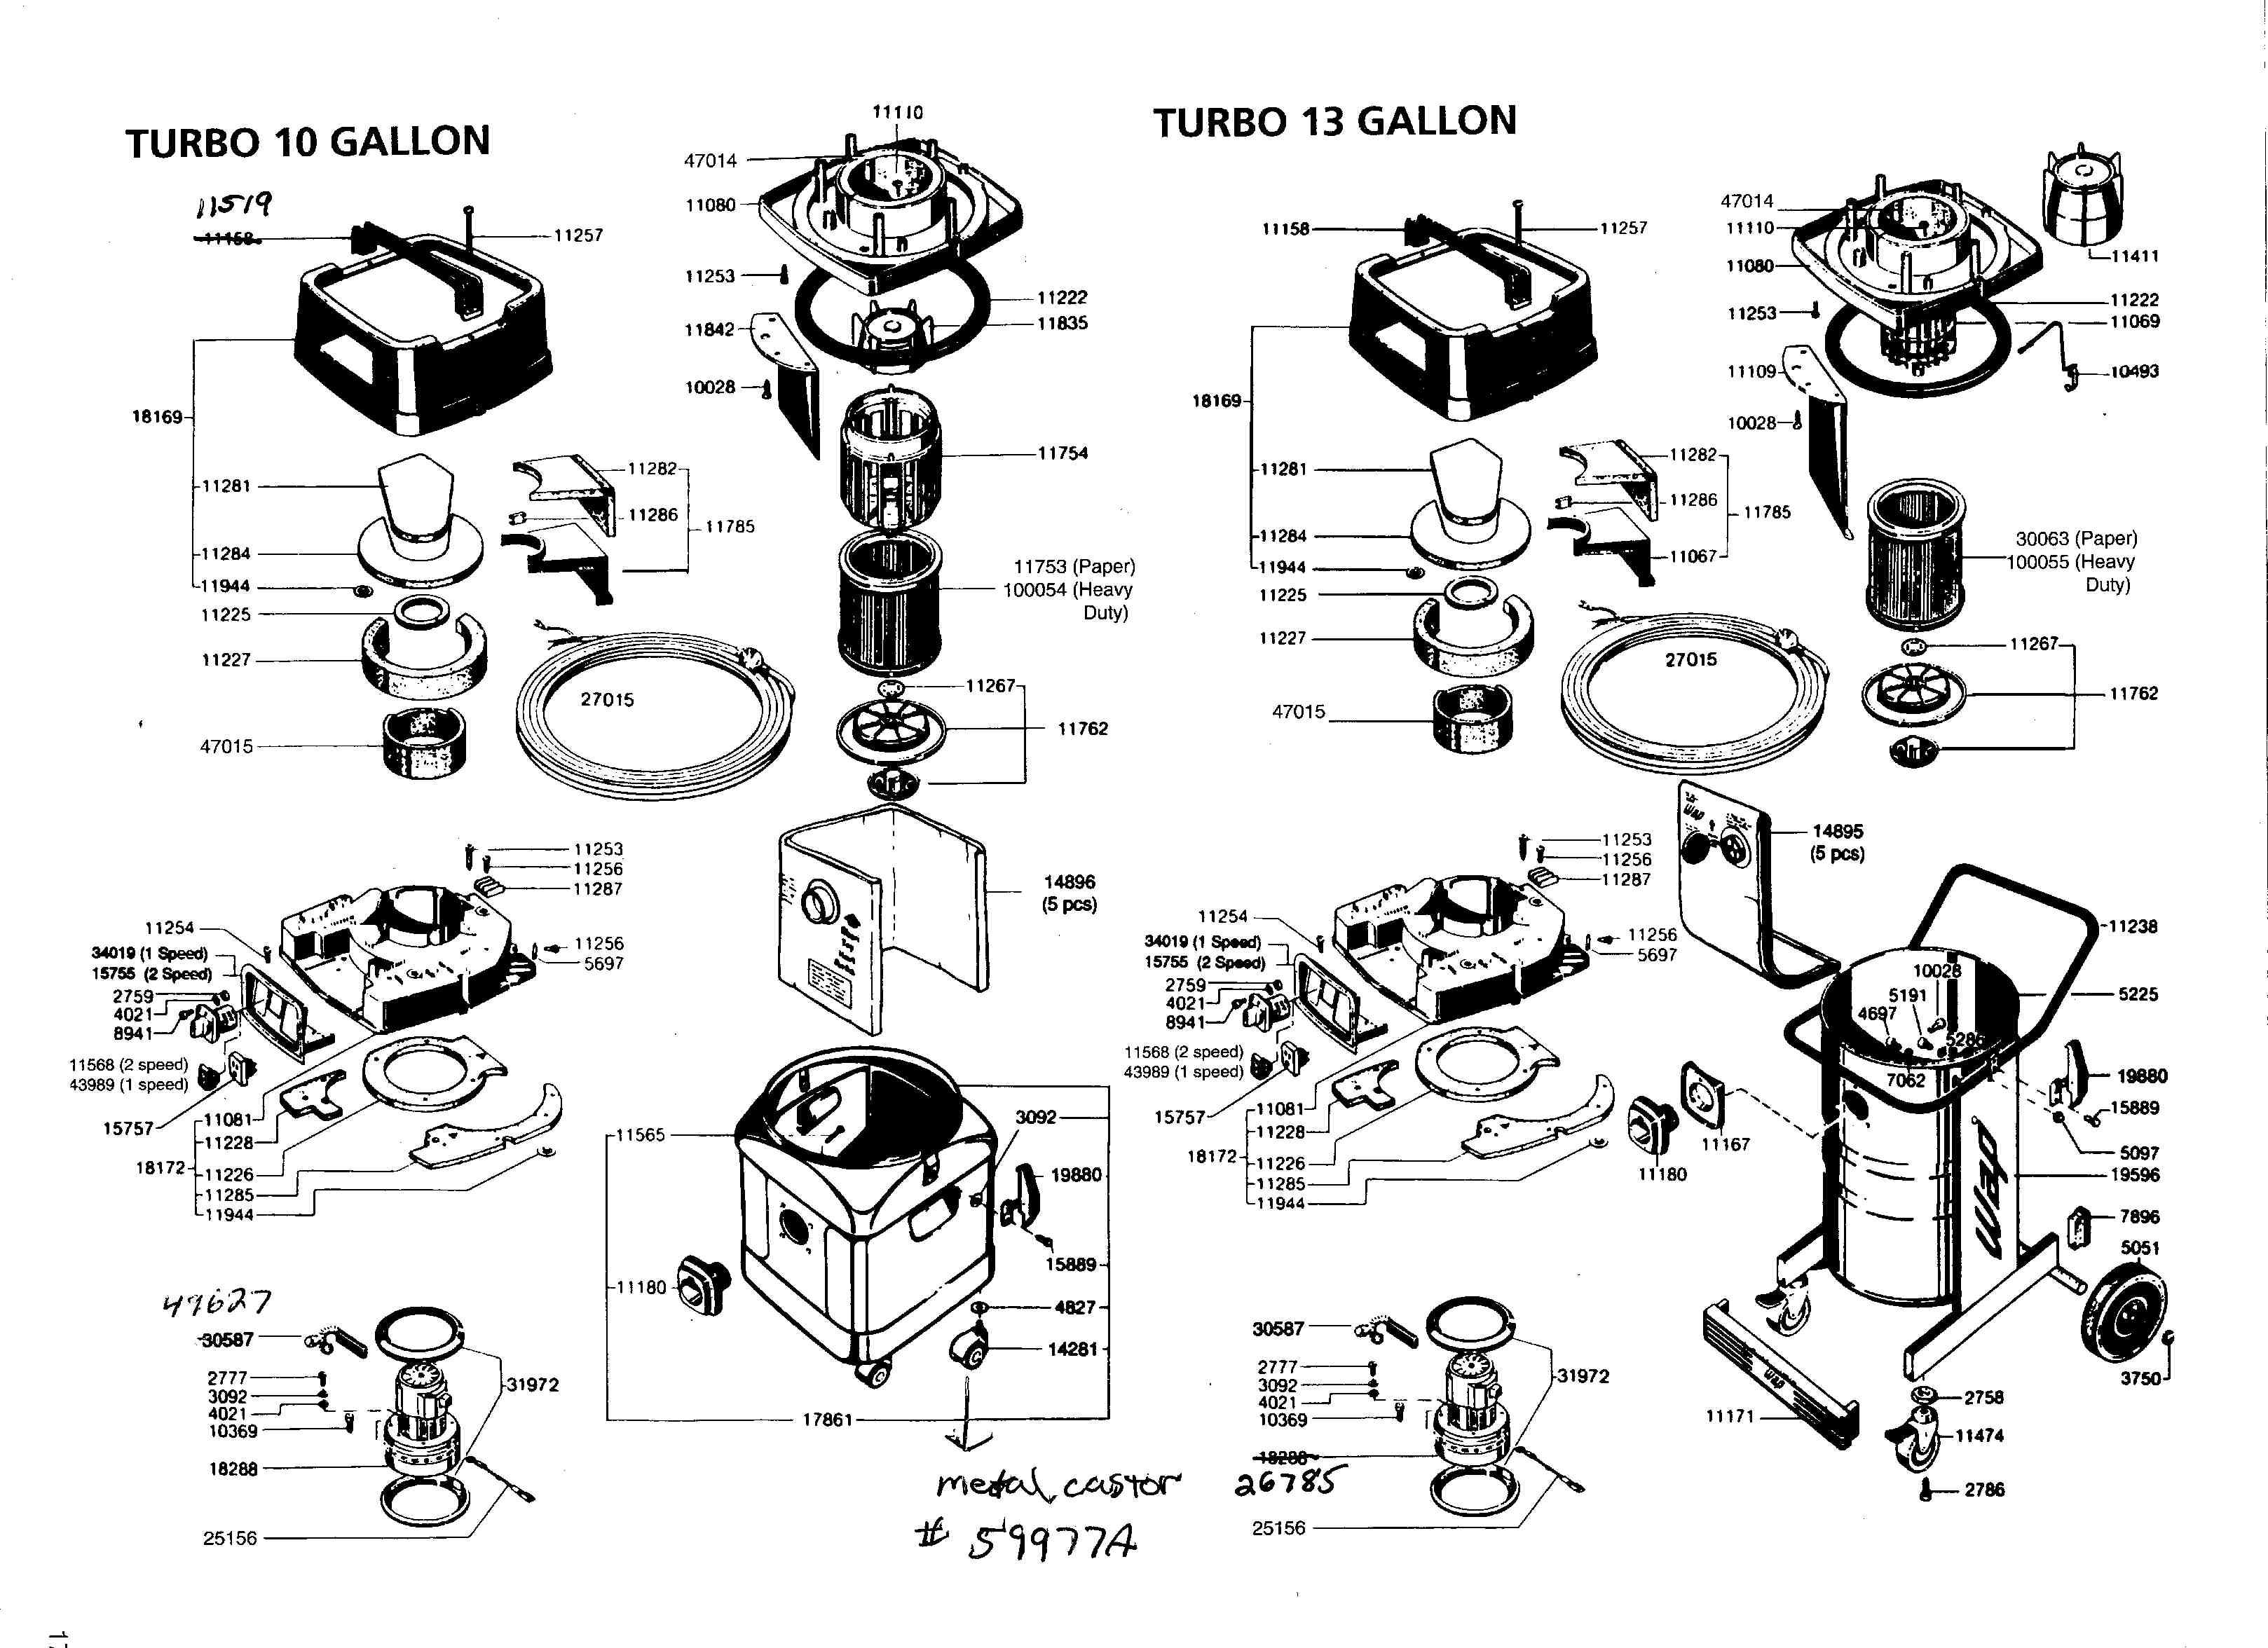 Turbo Vacuum Parts & Accessories Diagram